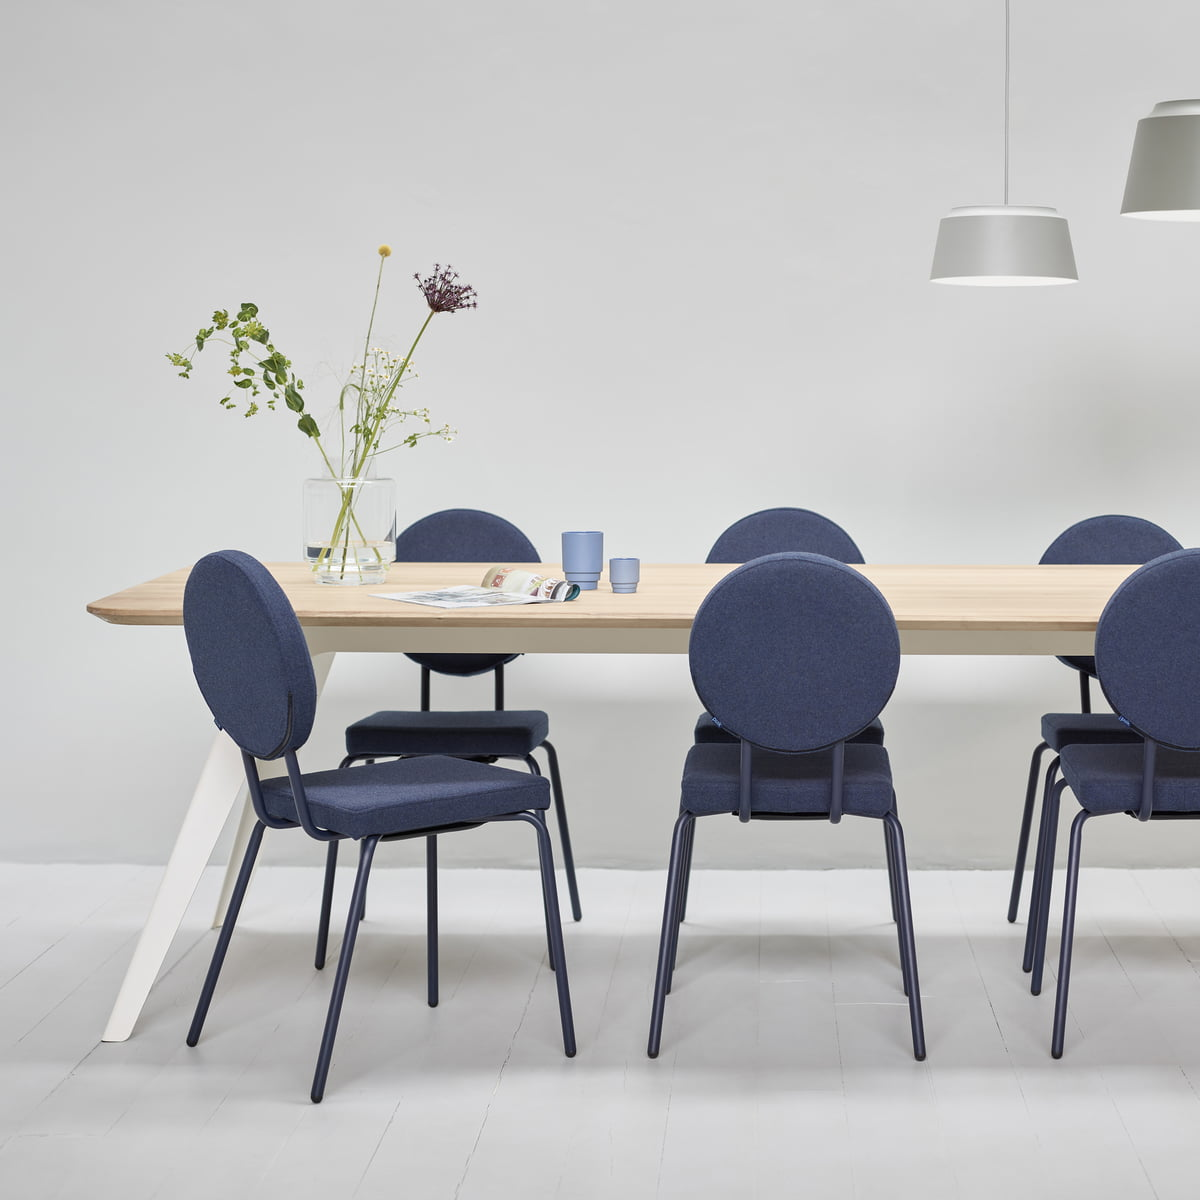 Full Size of Option Stuhl Von Puik Connox Esstisch Stühle Moderne Esstische Massivholz Beton Ausziehbarer Ausziehbar Landhaus Glas Massiver Weiß Oval Musterring 80x80 Esstische Stühle Esstisch